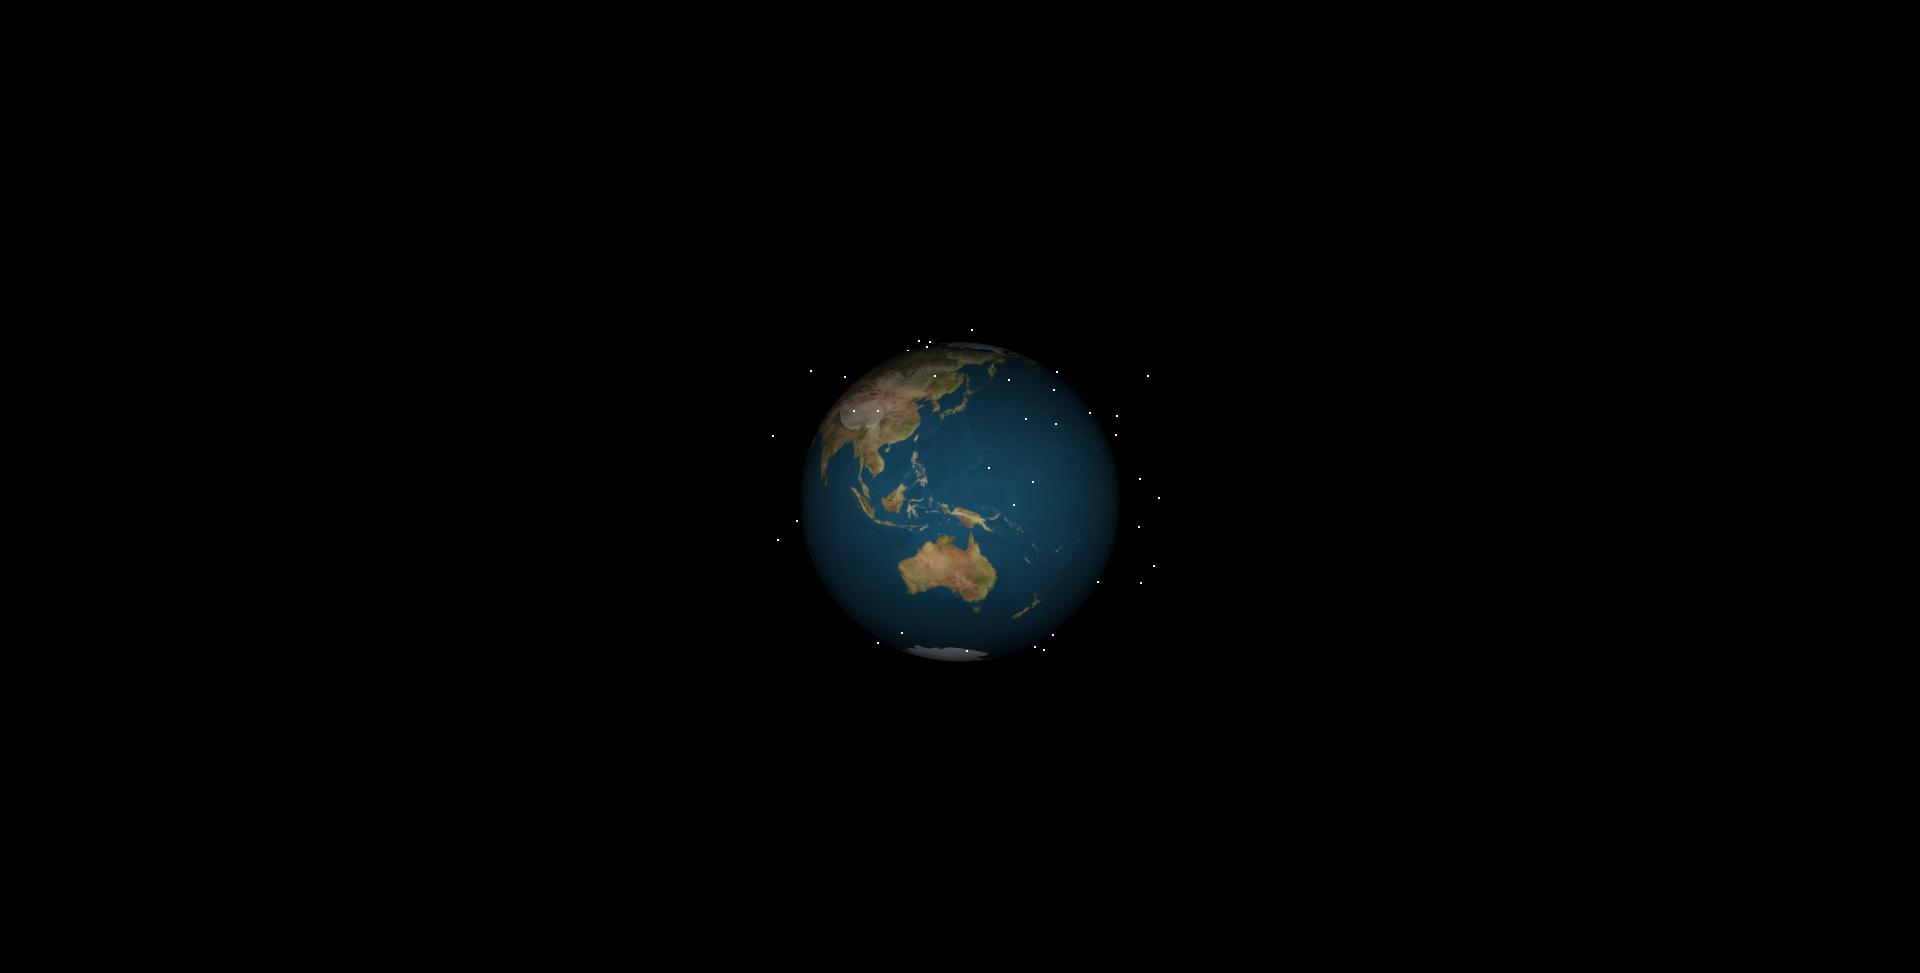 地球を取り巻く宇宙ごみのイメージ 1960年(C)九州大学 (C)スカパーJSAT